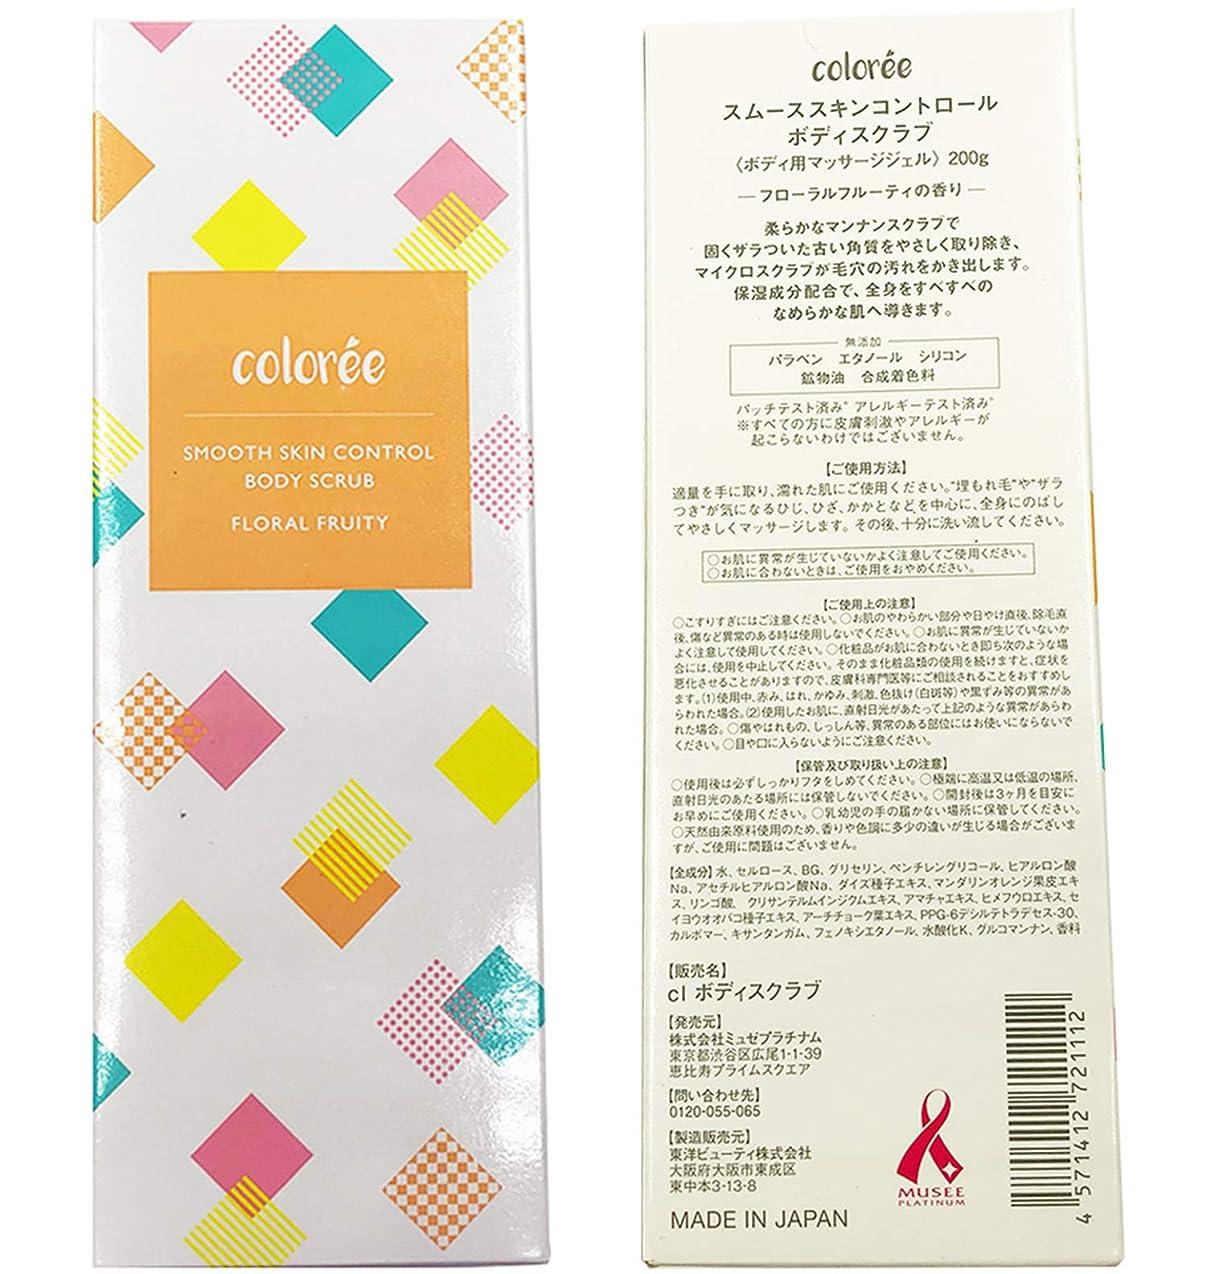 注ぎます反論調子ミュゼプラチナム coloree スムーススキンコントロール ボディスクラブ (フローラルフルーティの香り) 200g